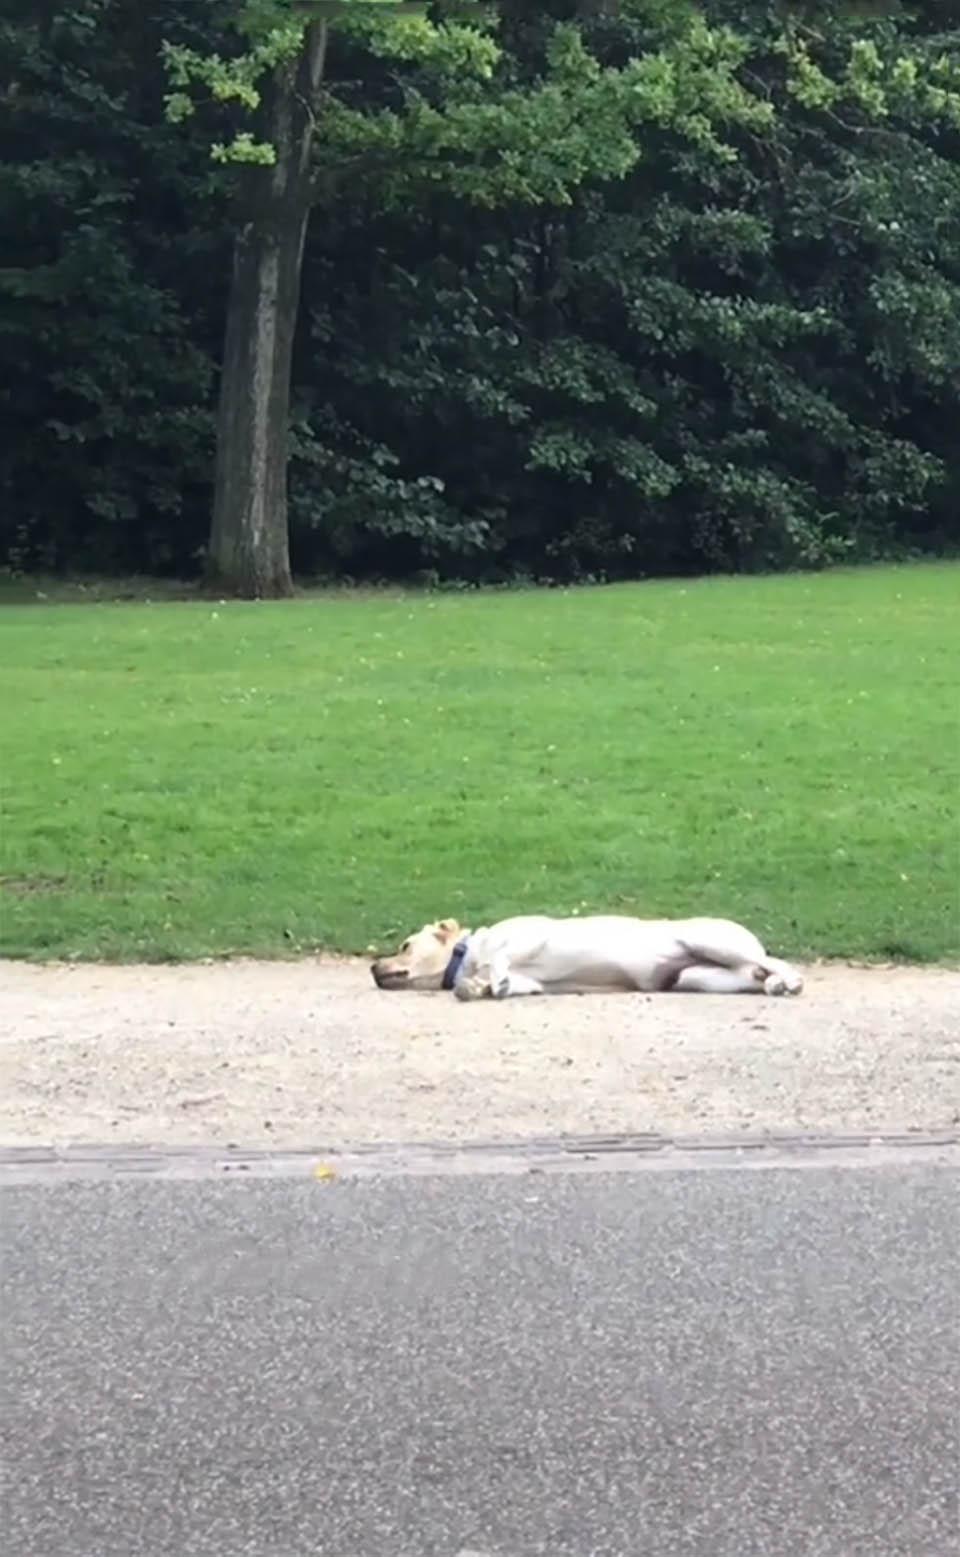 Adorable perro juega a hacerse el muerto